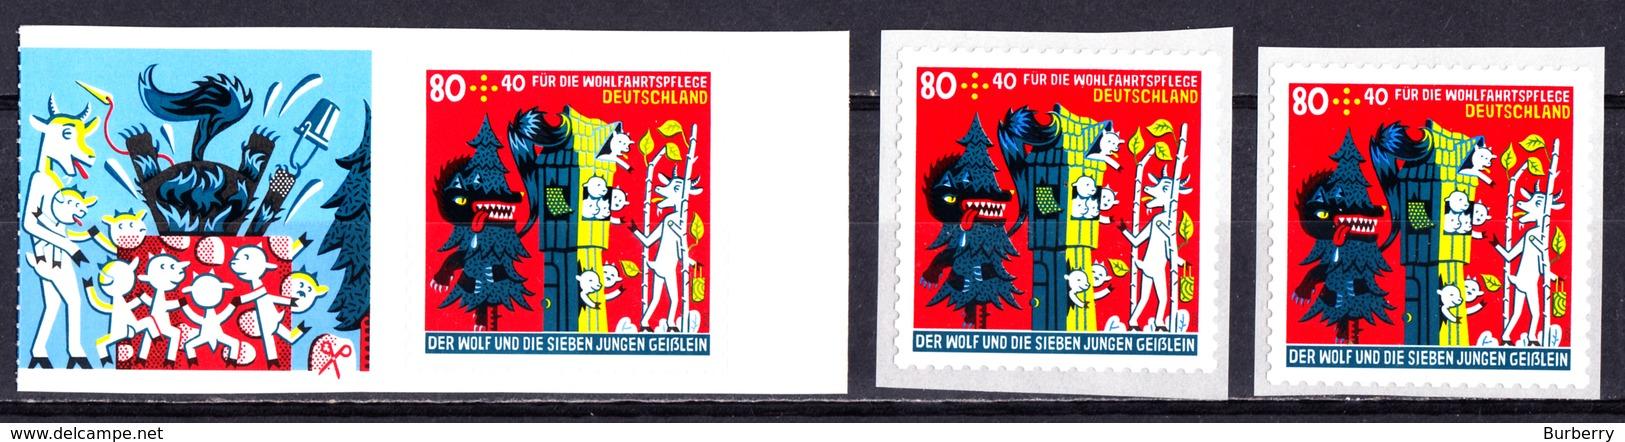 Bund - Neuheiten 2020  Mi. 3526 Selbstklebend Aus MH Und 2x Aus Rolle - Postfrisch - Neufs